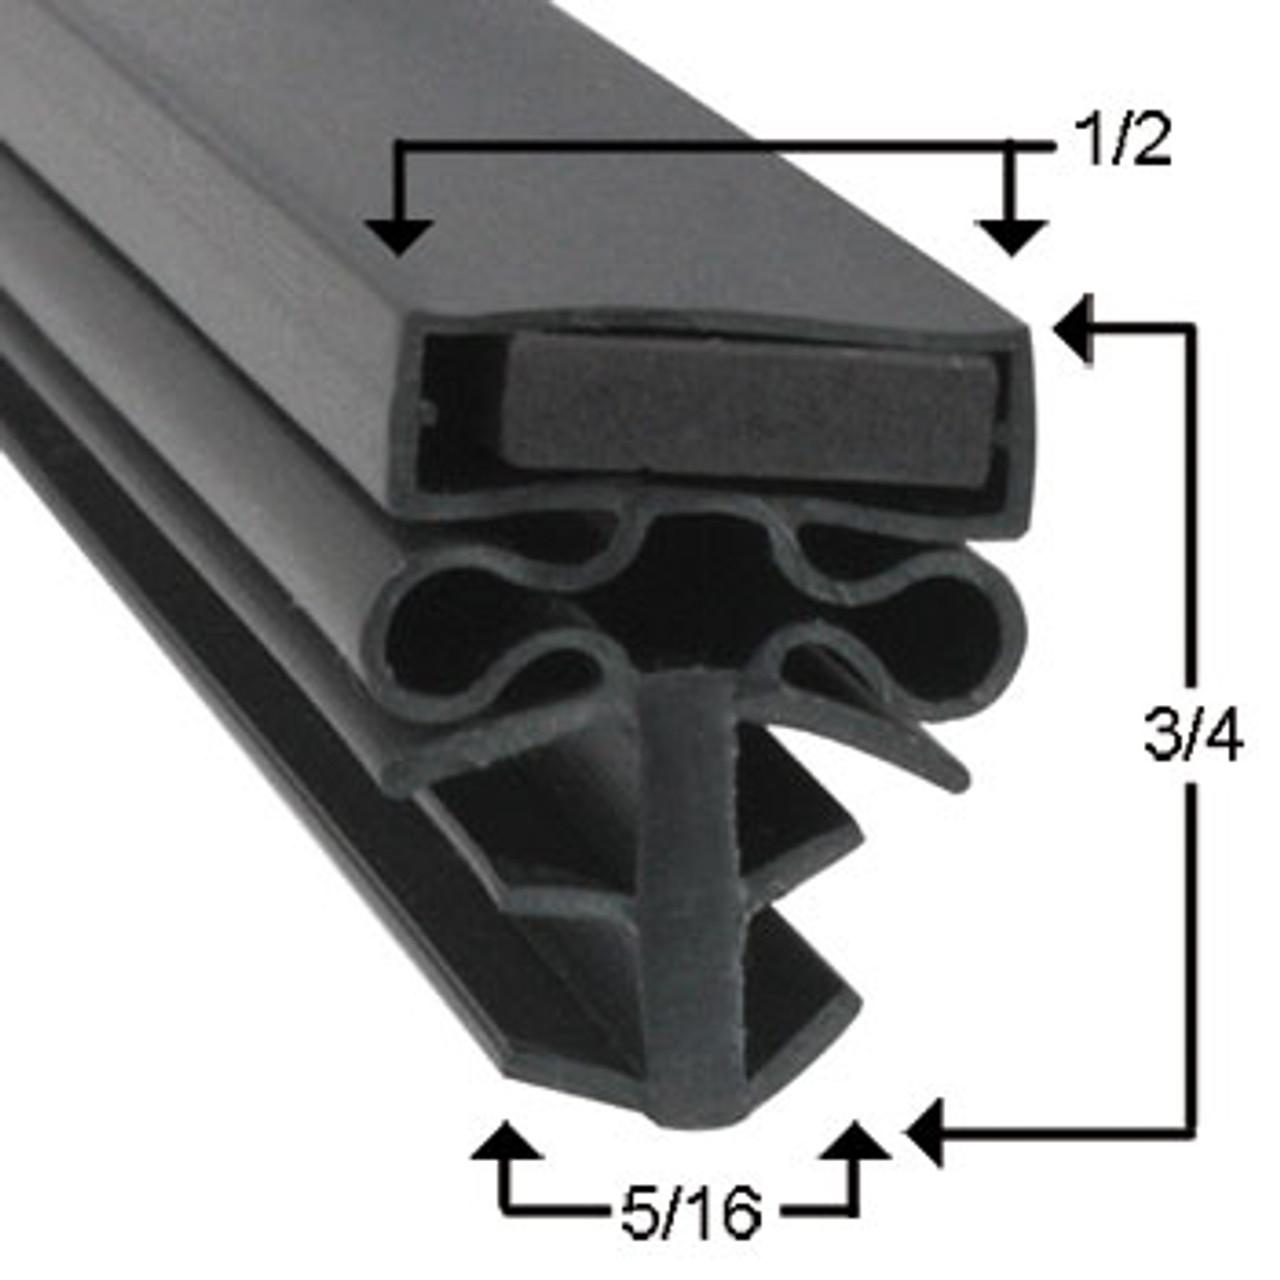 Barr Door Gasket Profile 504 34 1/2 x 78